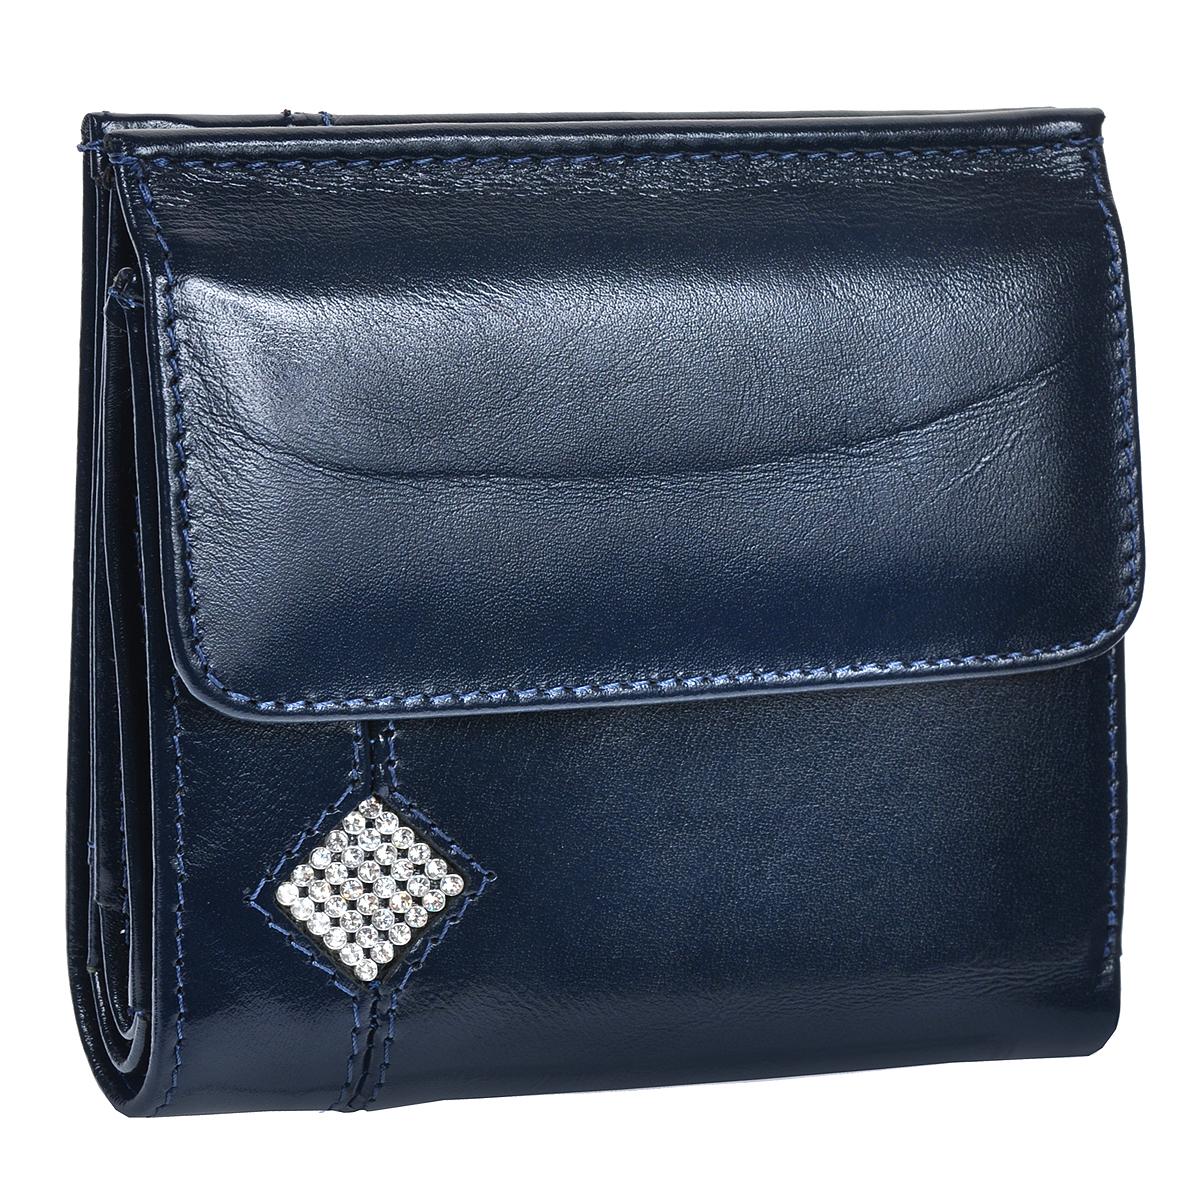 """Кошелек женский Dimanche Сапфир, цвет: темно-синий. 163163Кошелек Dimanche из коллекции Сапфир выполнен из высококачественной натуральной кожи с глянцевым блеском и декорирован стразами. Кошелек состоит из двух отделений. На лицевой стороне - объемный карман для мелочи, закрывающийся клапаном на кнопку. Второе отделение содержит внутри три отсека для купюр, один из которых на молнии, два кармана для кредиток, карман для sim-карты, пластиковое """"окошко"""" для документов и два вертикальных кармана для бумаг. Изделие упаковано в фирменную картонную коробку."""